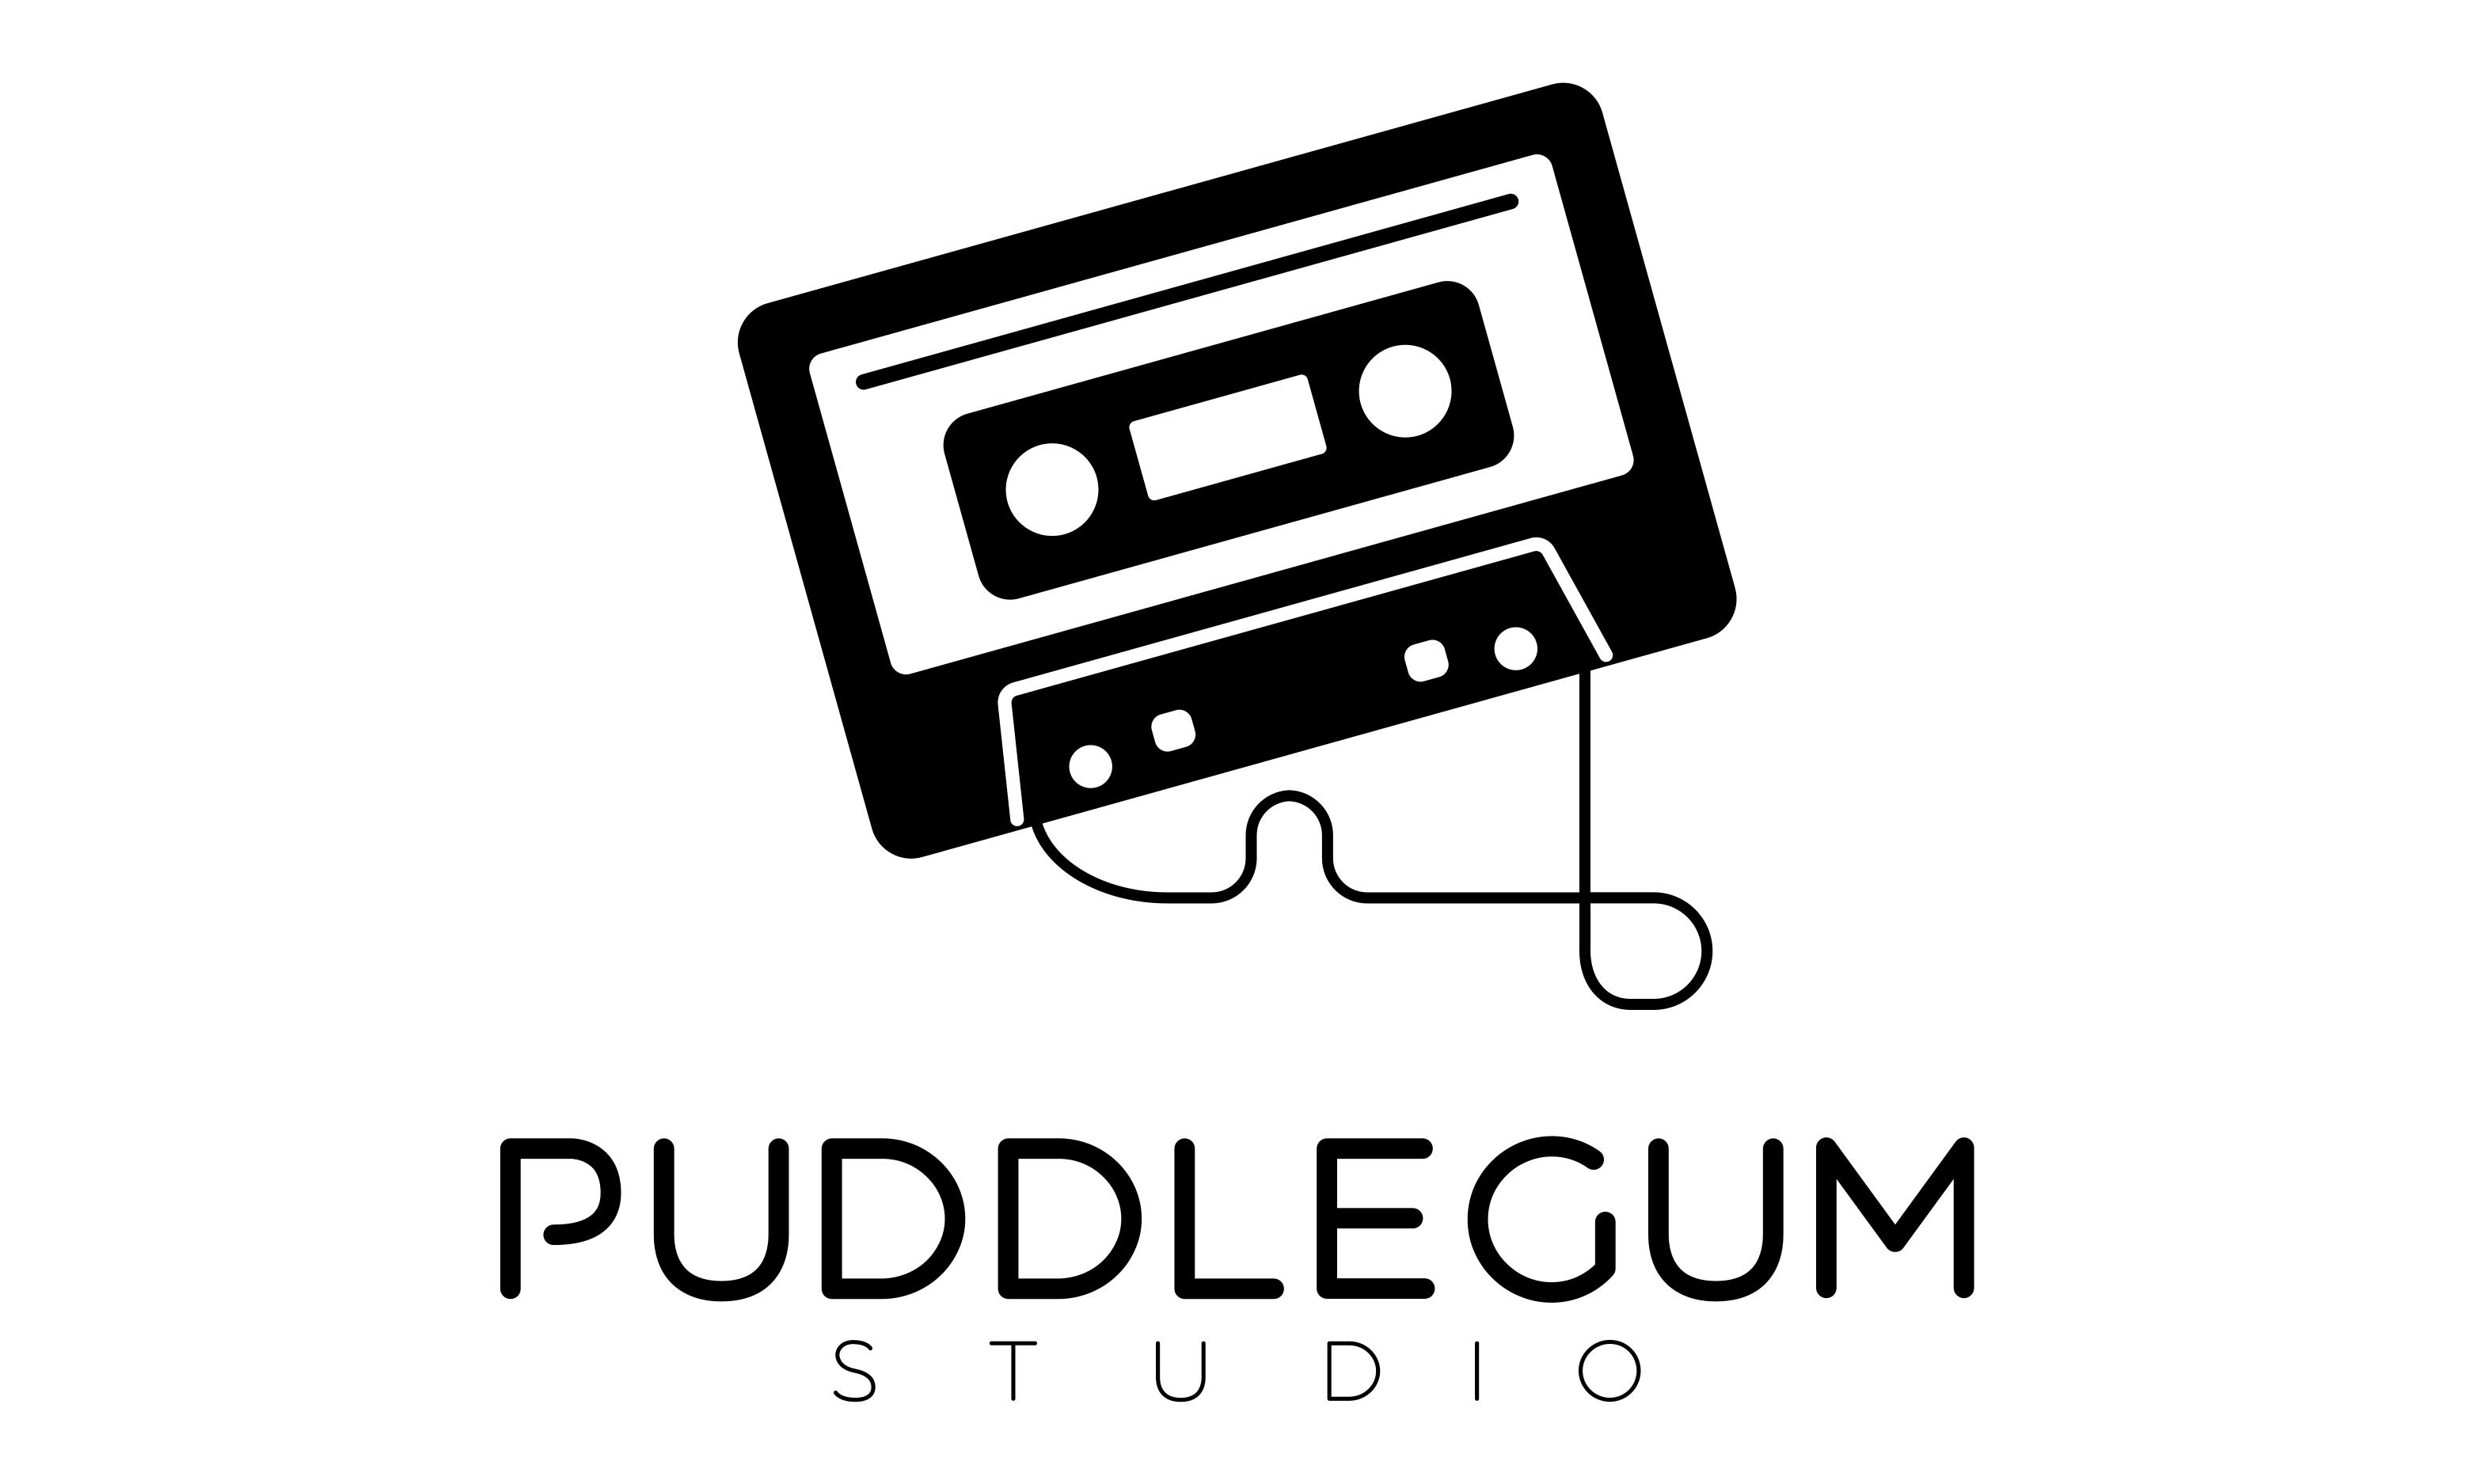 Puddlegum.Studio